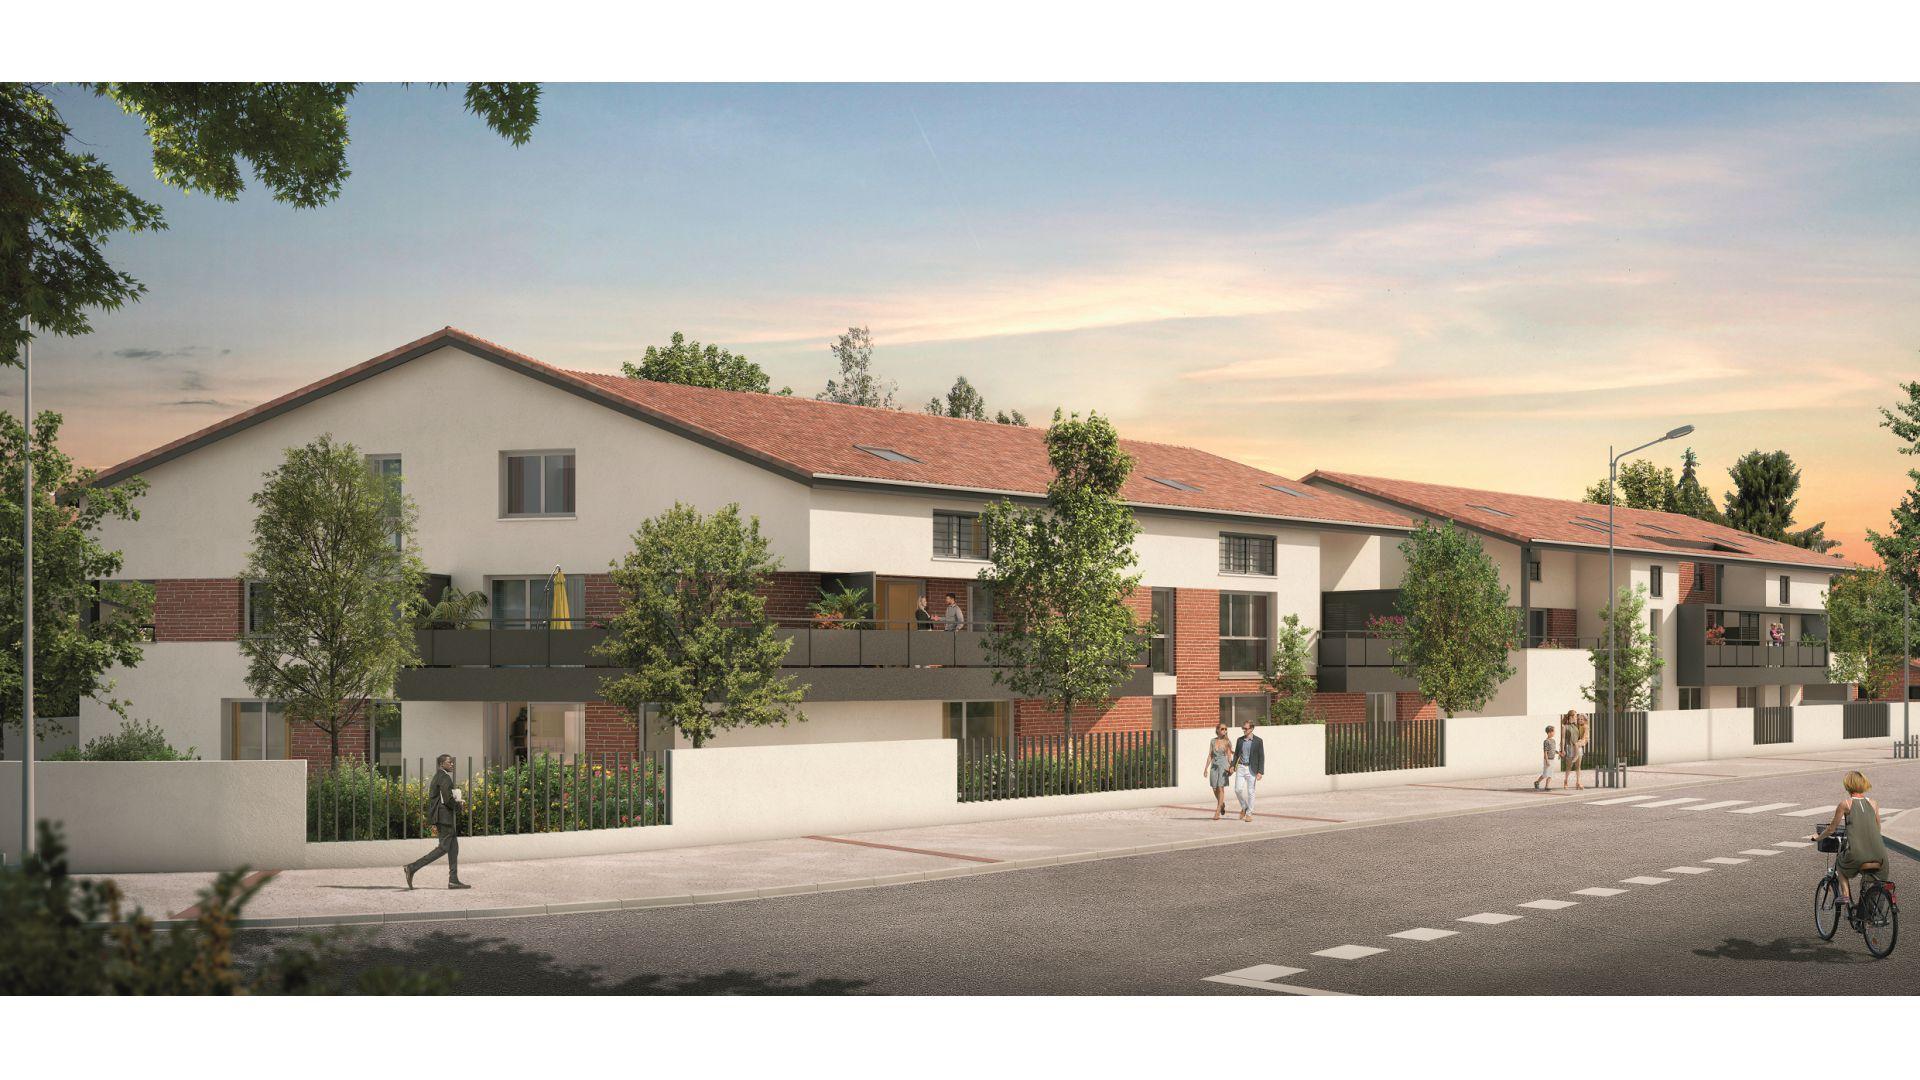 GreenCity immobilier - Clos Cassandre - 31700 Blagnac - appartements neufs du T1Bis au T5Duplex